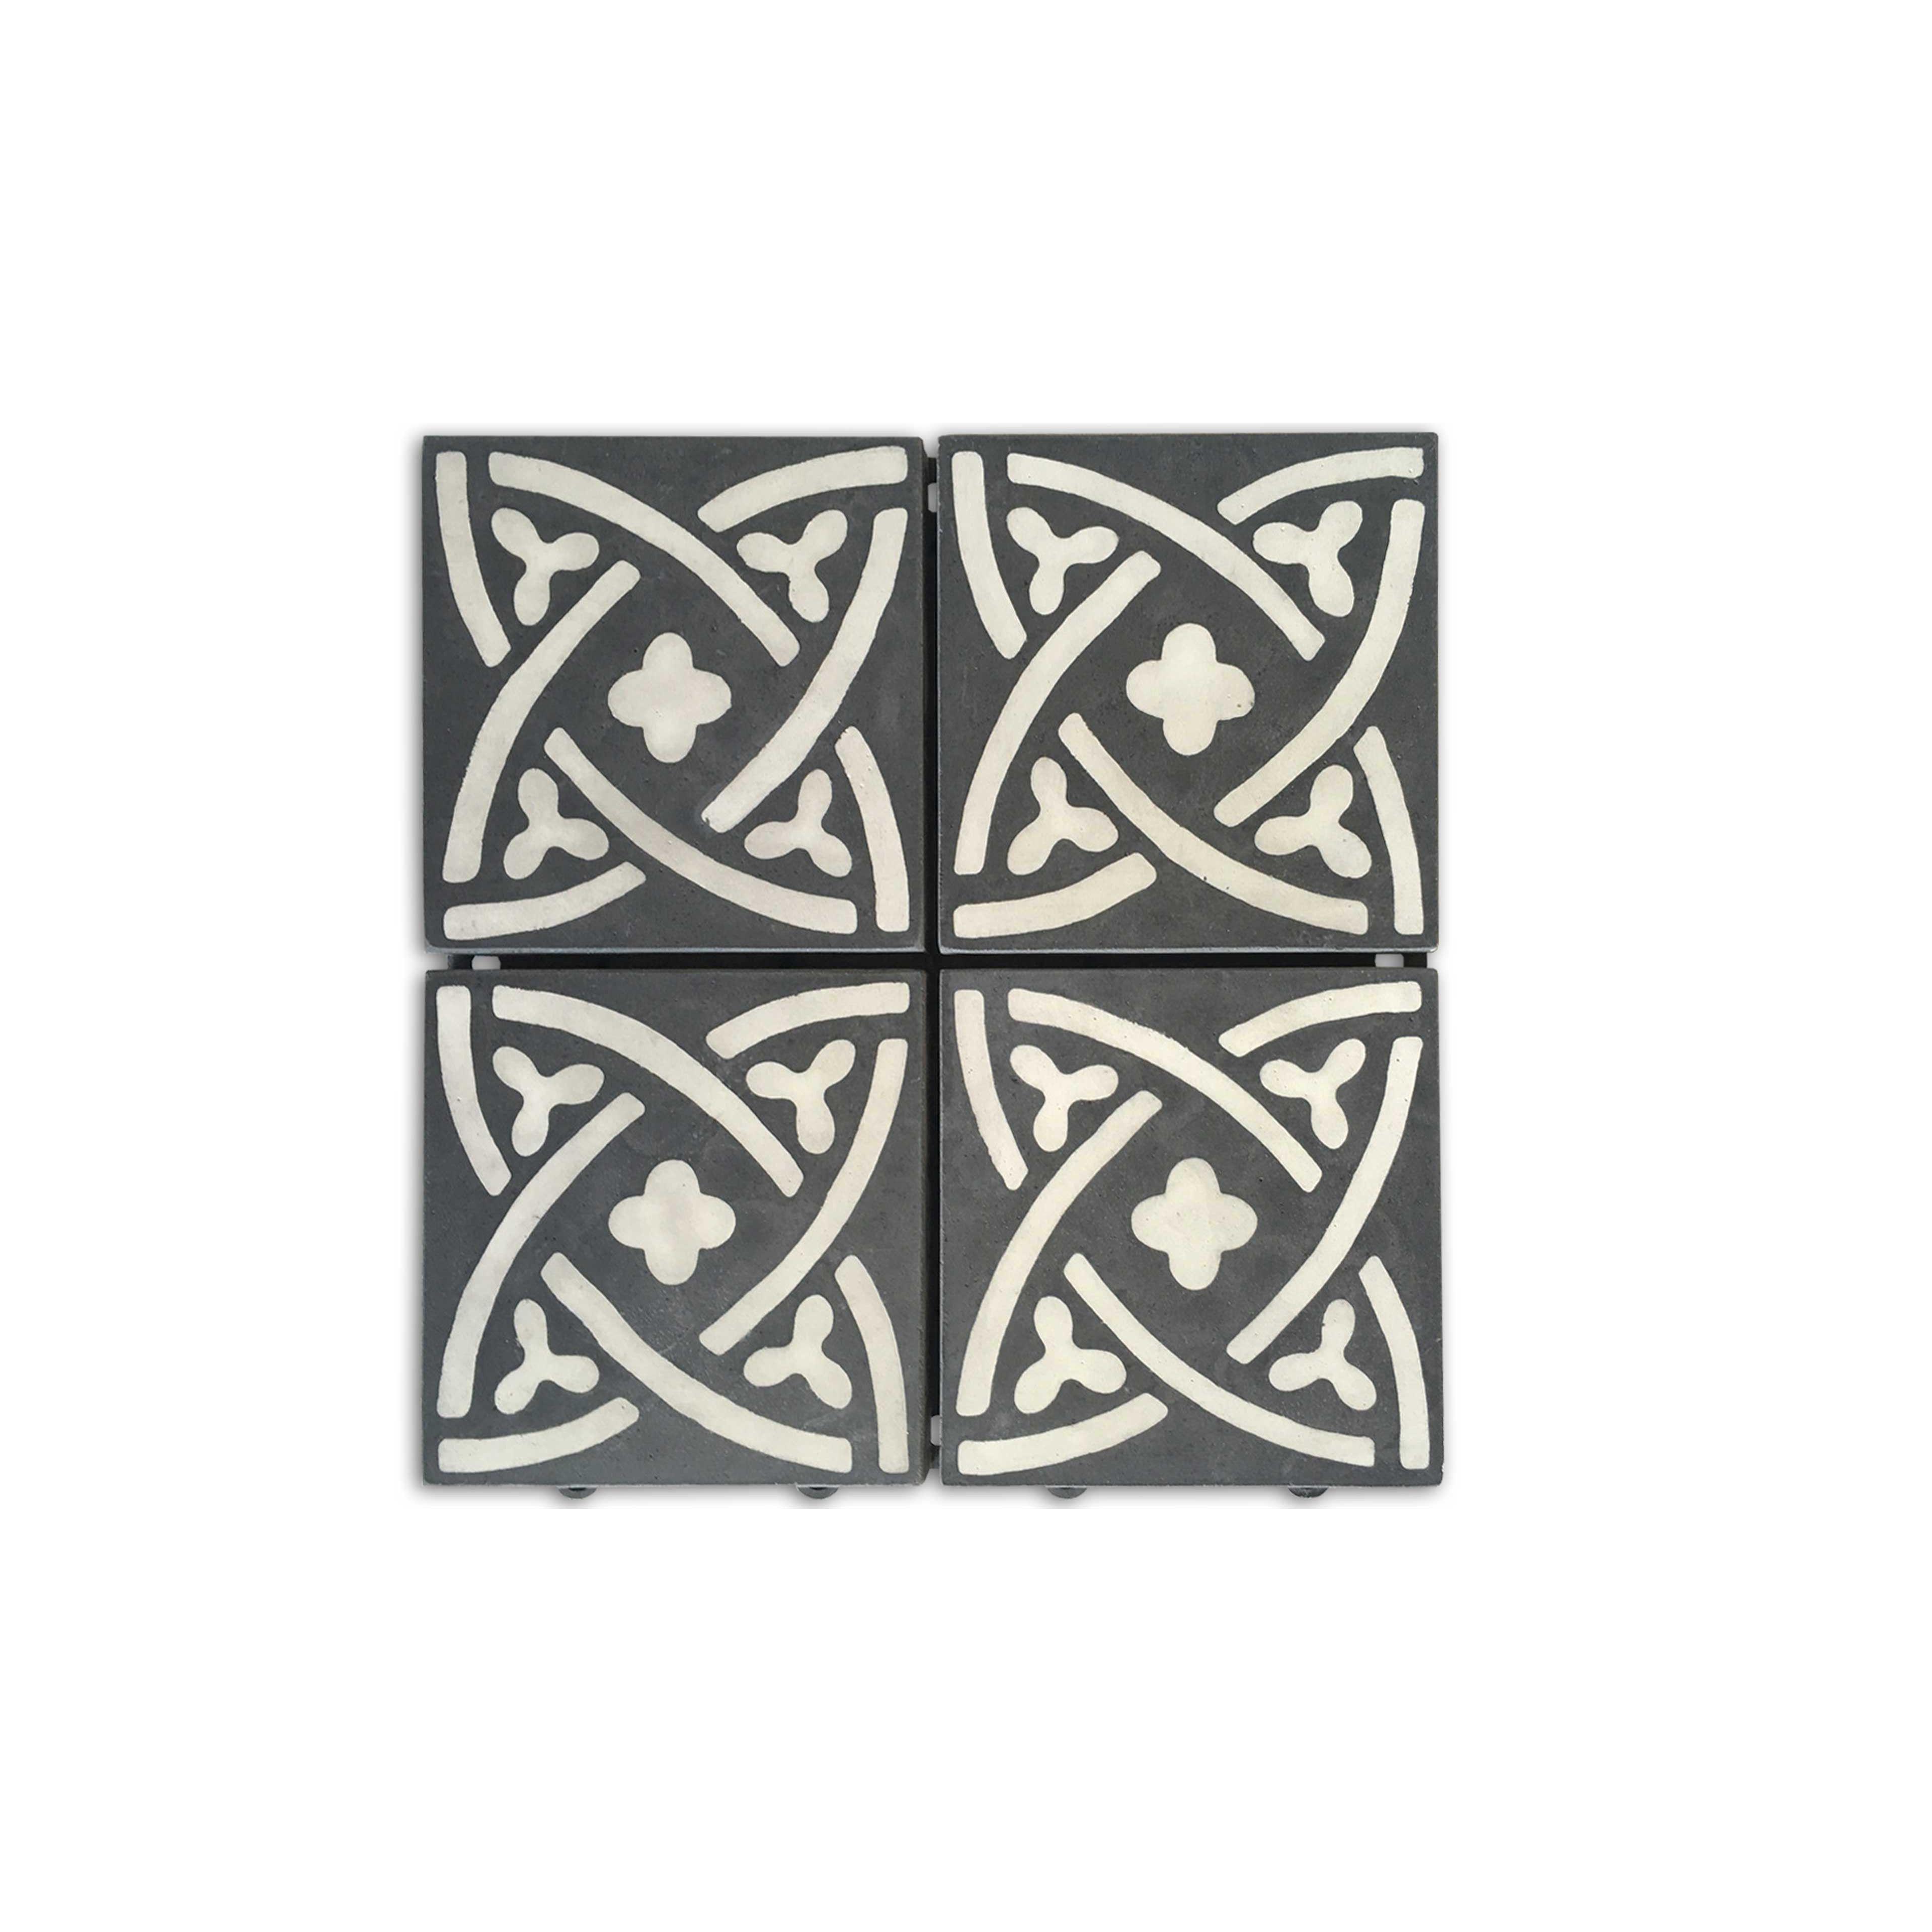 couper carreau de ciment couper carreau de ciment carreaux de ciment styls chez bisazza les. Black Bedroom Furniture Sets. Home Design Ideas